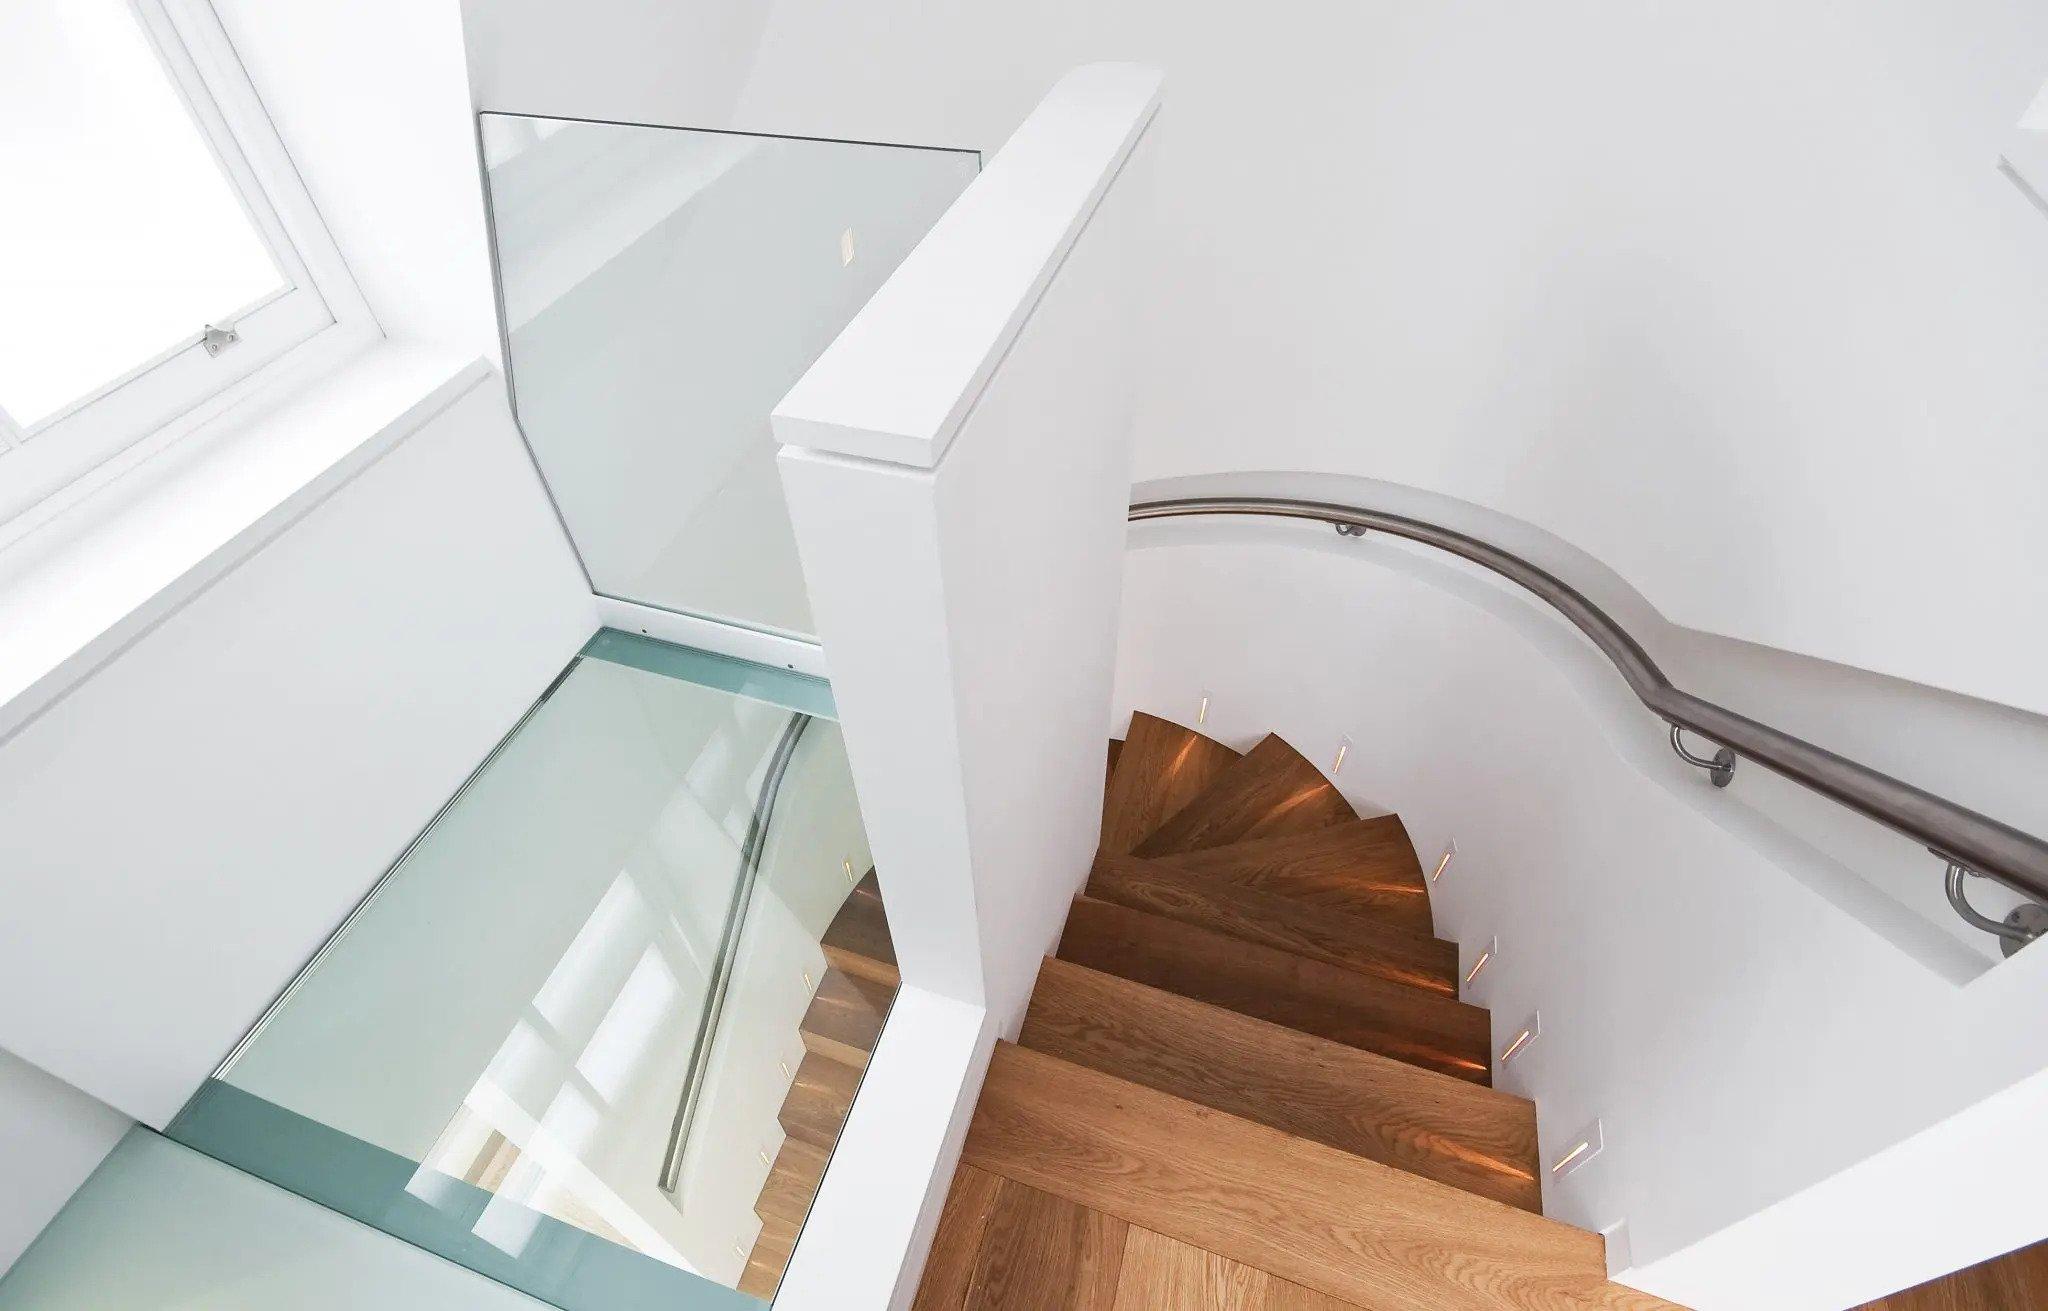 Beloopbaar glas als glazen vloer, bijvoorbeeld boven een trapgat